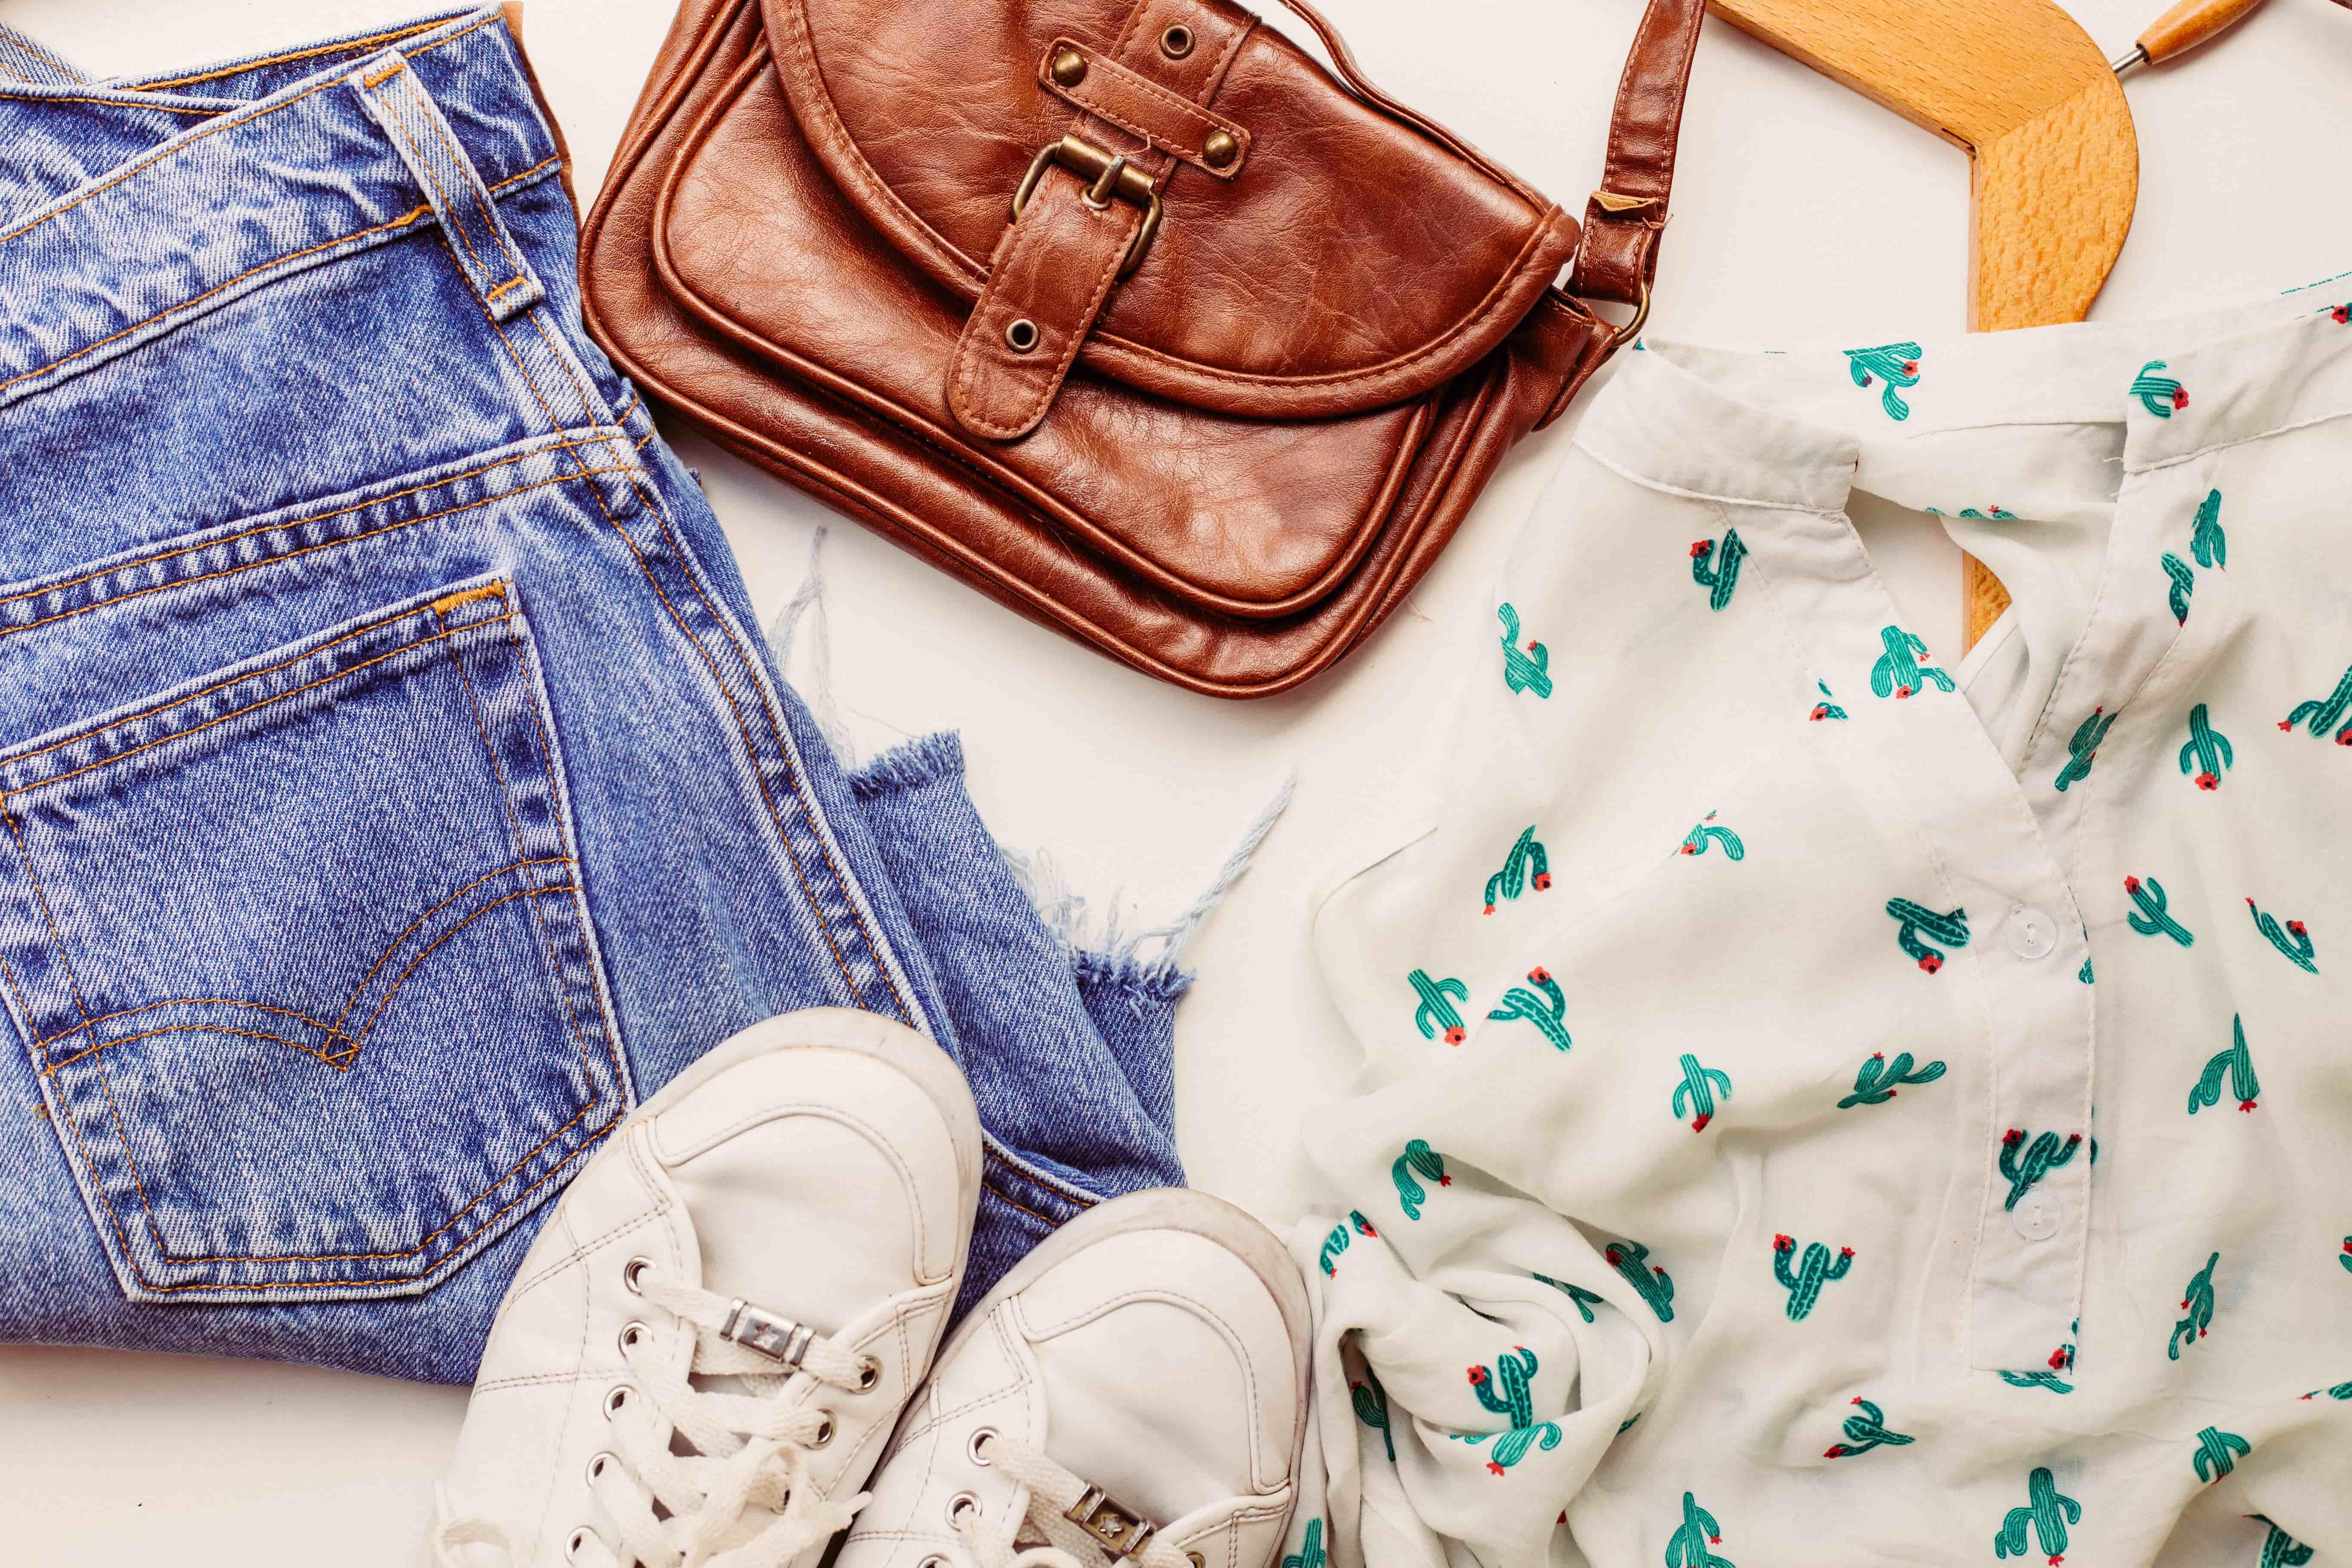 Уход за одеждой. Как ухаживать за одеждой и обувью в домашних условиях